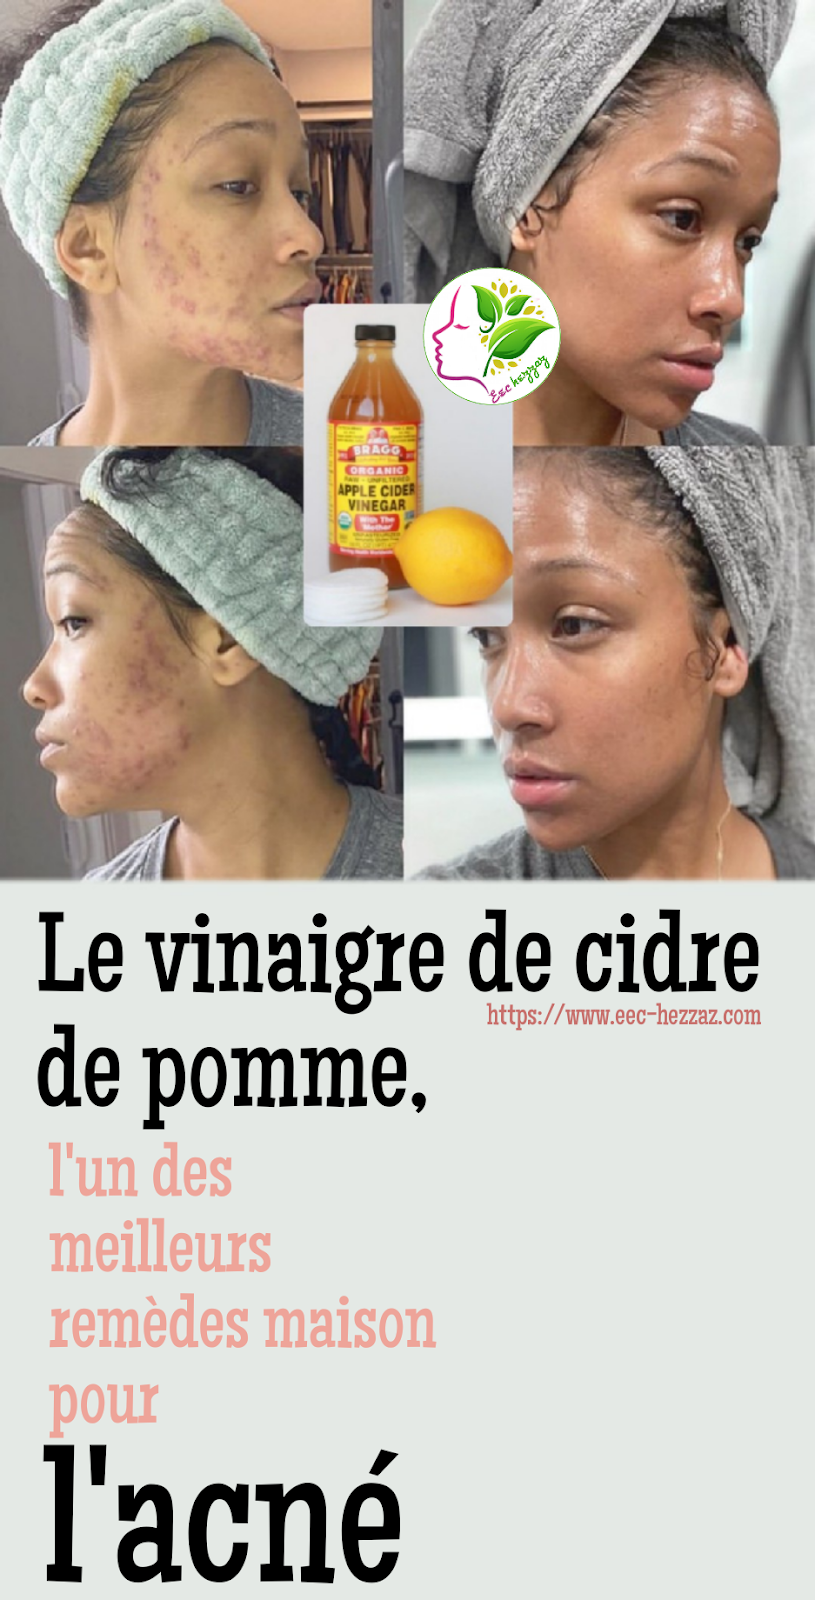 Le vinaigre de cidre de pomme, l'un des meilleurs remèdes maison pour l'acné